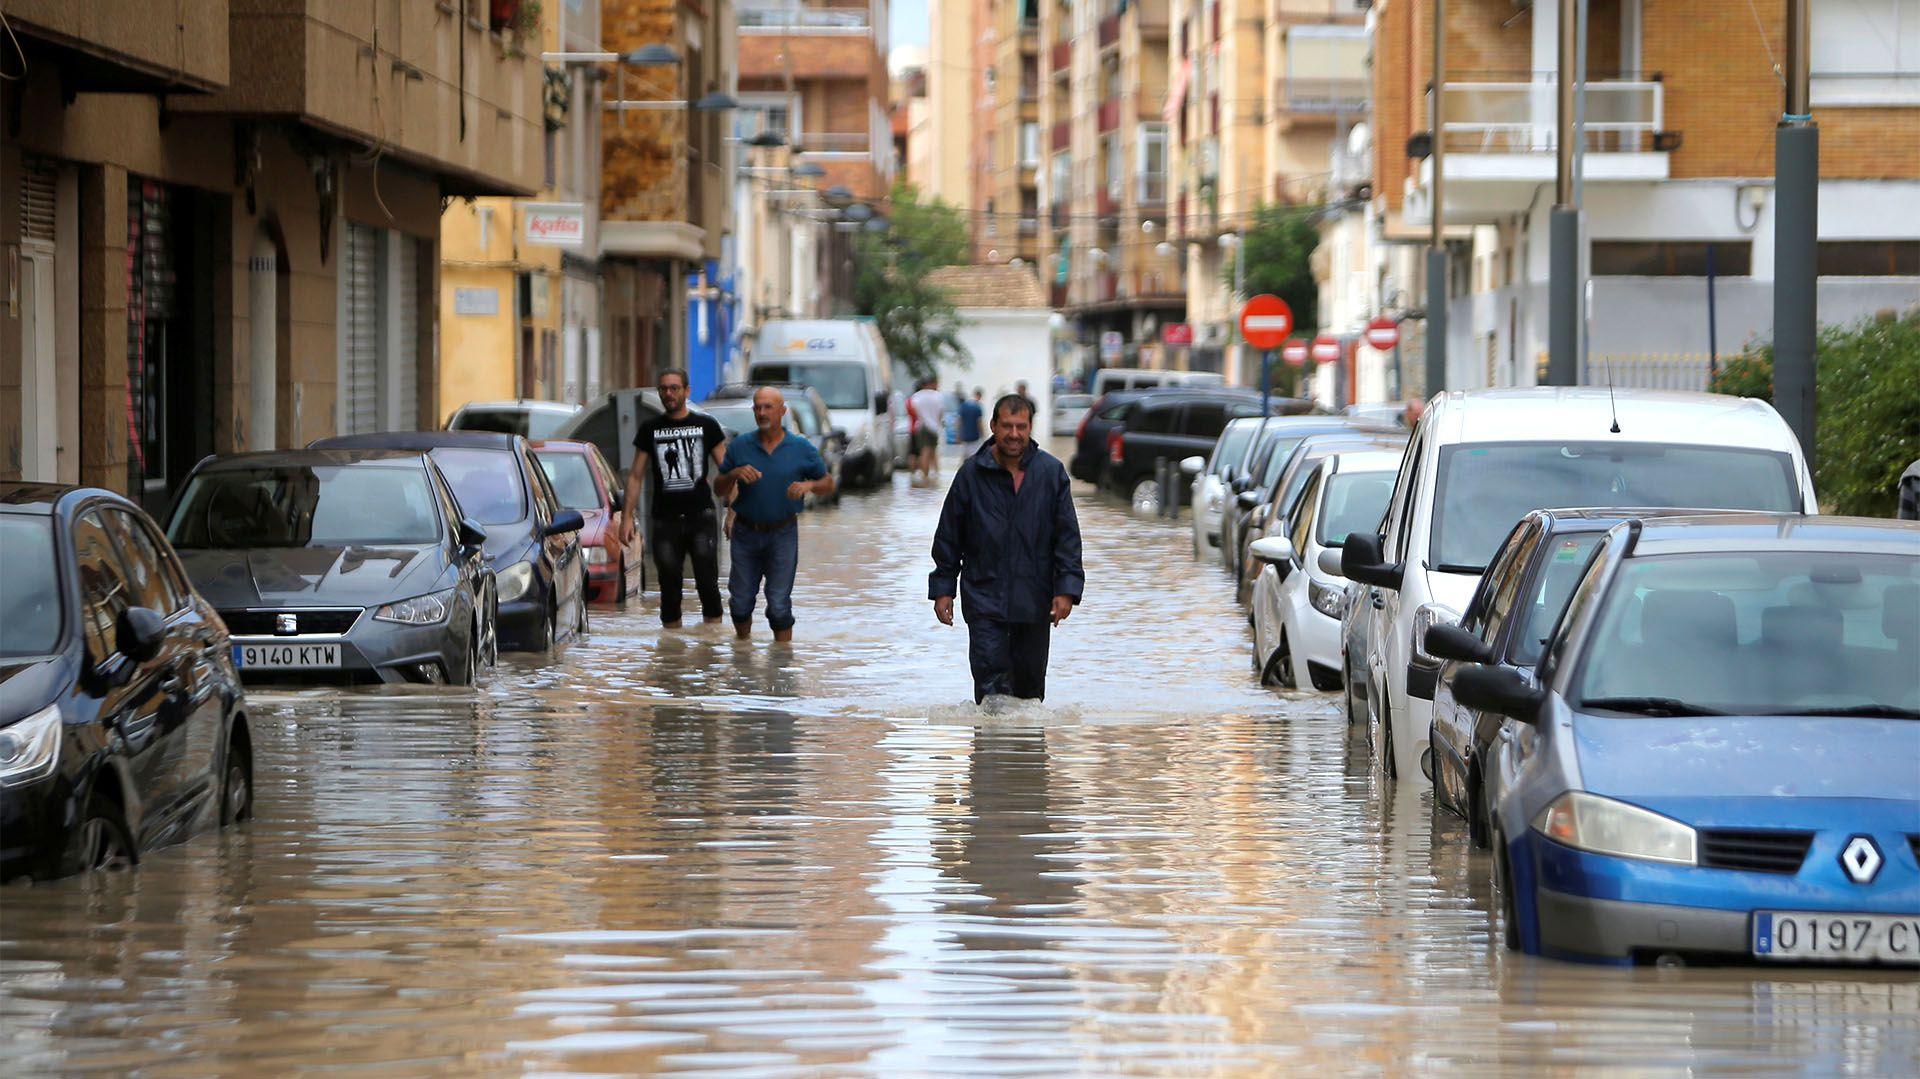 La gente camina por una calle inundada mientras las lluvias torrenciales azotan Orihuela, España, el 13 de septiembre de 2019 (REUTERS/Jon Nazca)